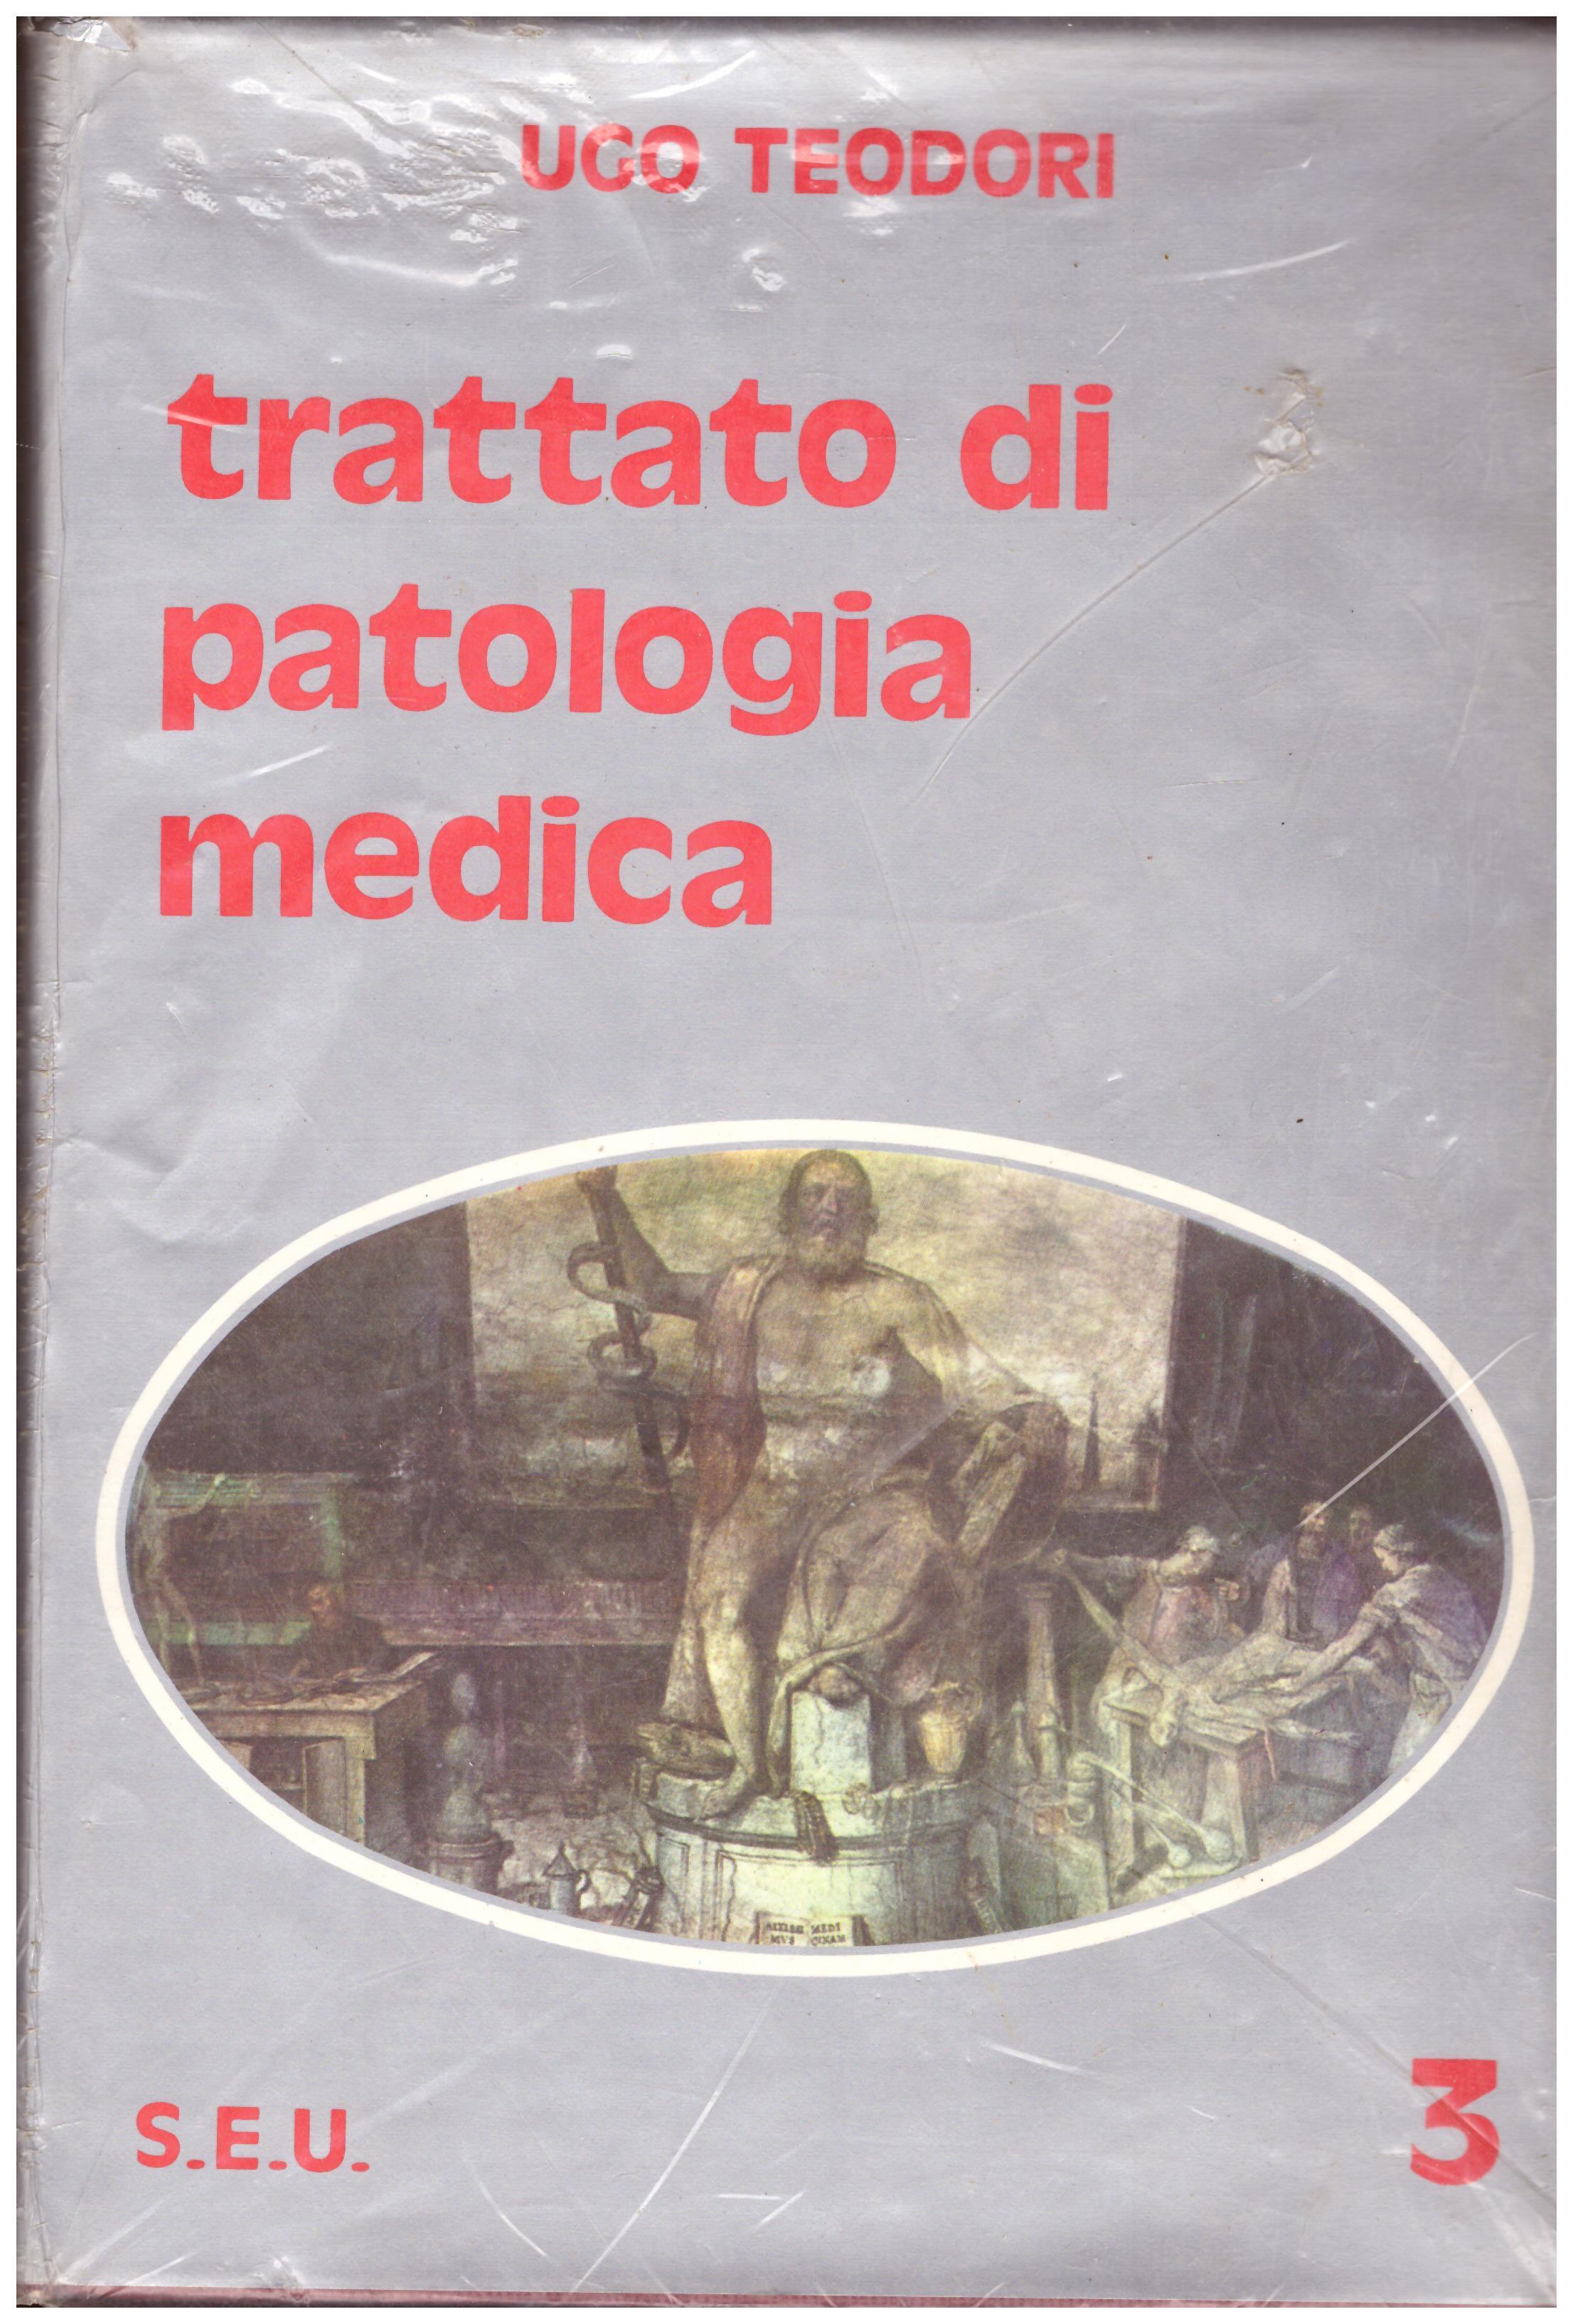 Titolo: Trattato di patologia medica volume 3  Autore: Ugo Teodori  Editore: S.E.U. 1978